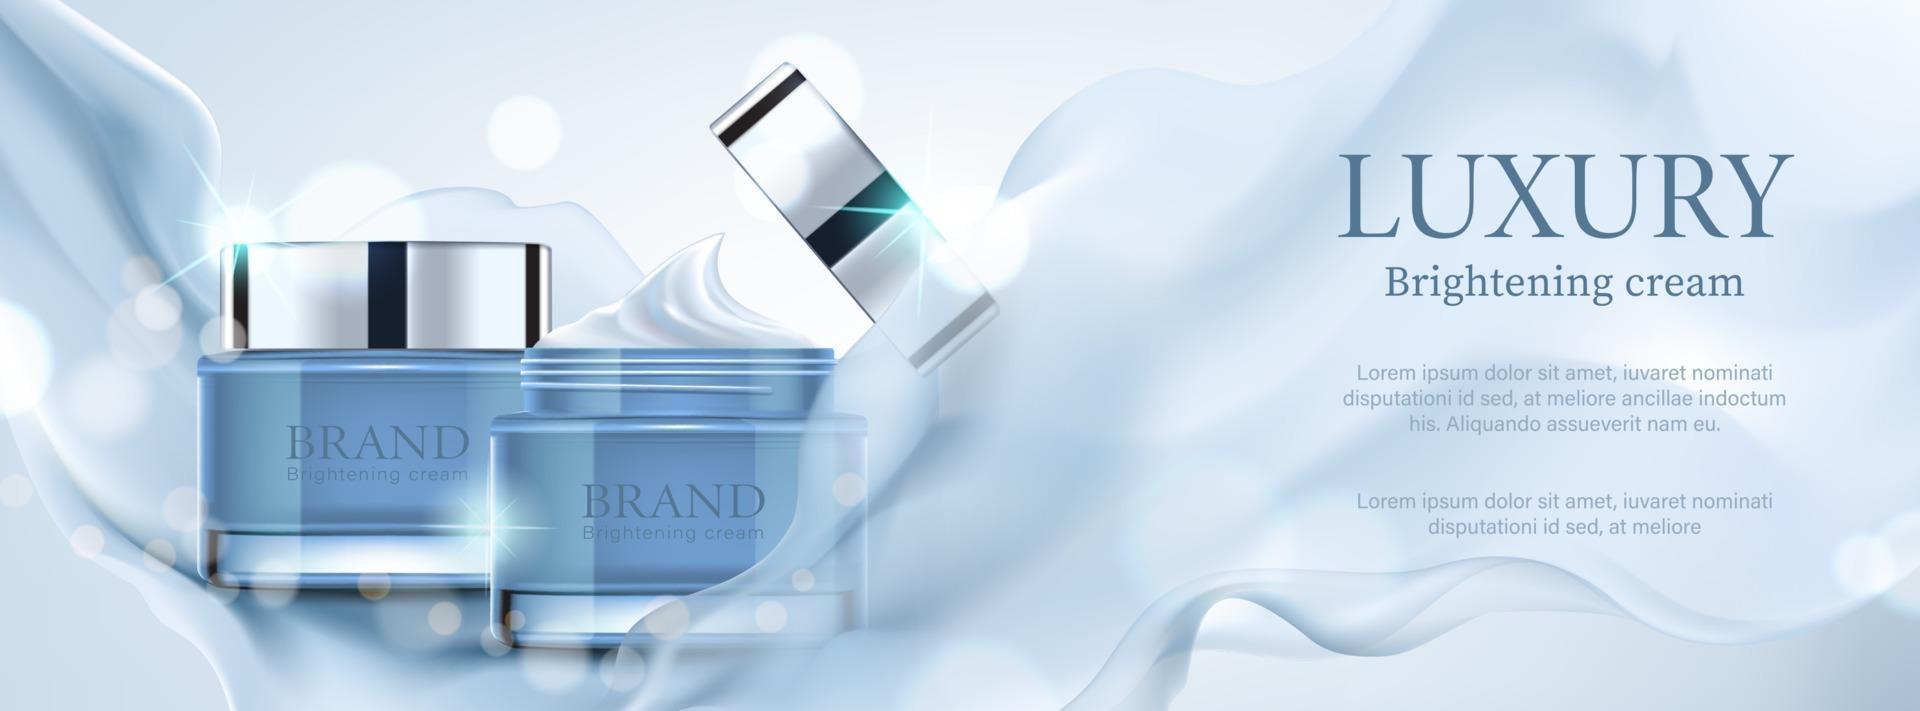 annuncio cosmetico banner di lusso con contenitore con raso blu su sfondo bokeh, illustrazione vettoriale. vettore